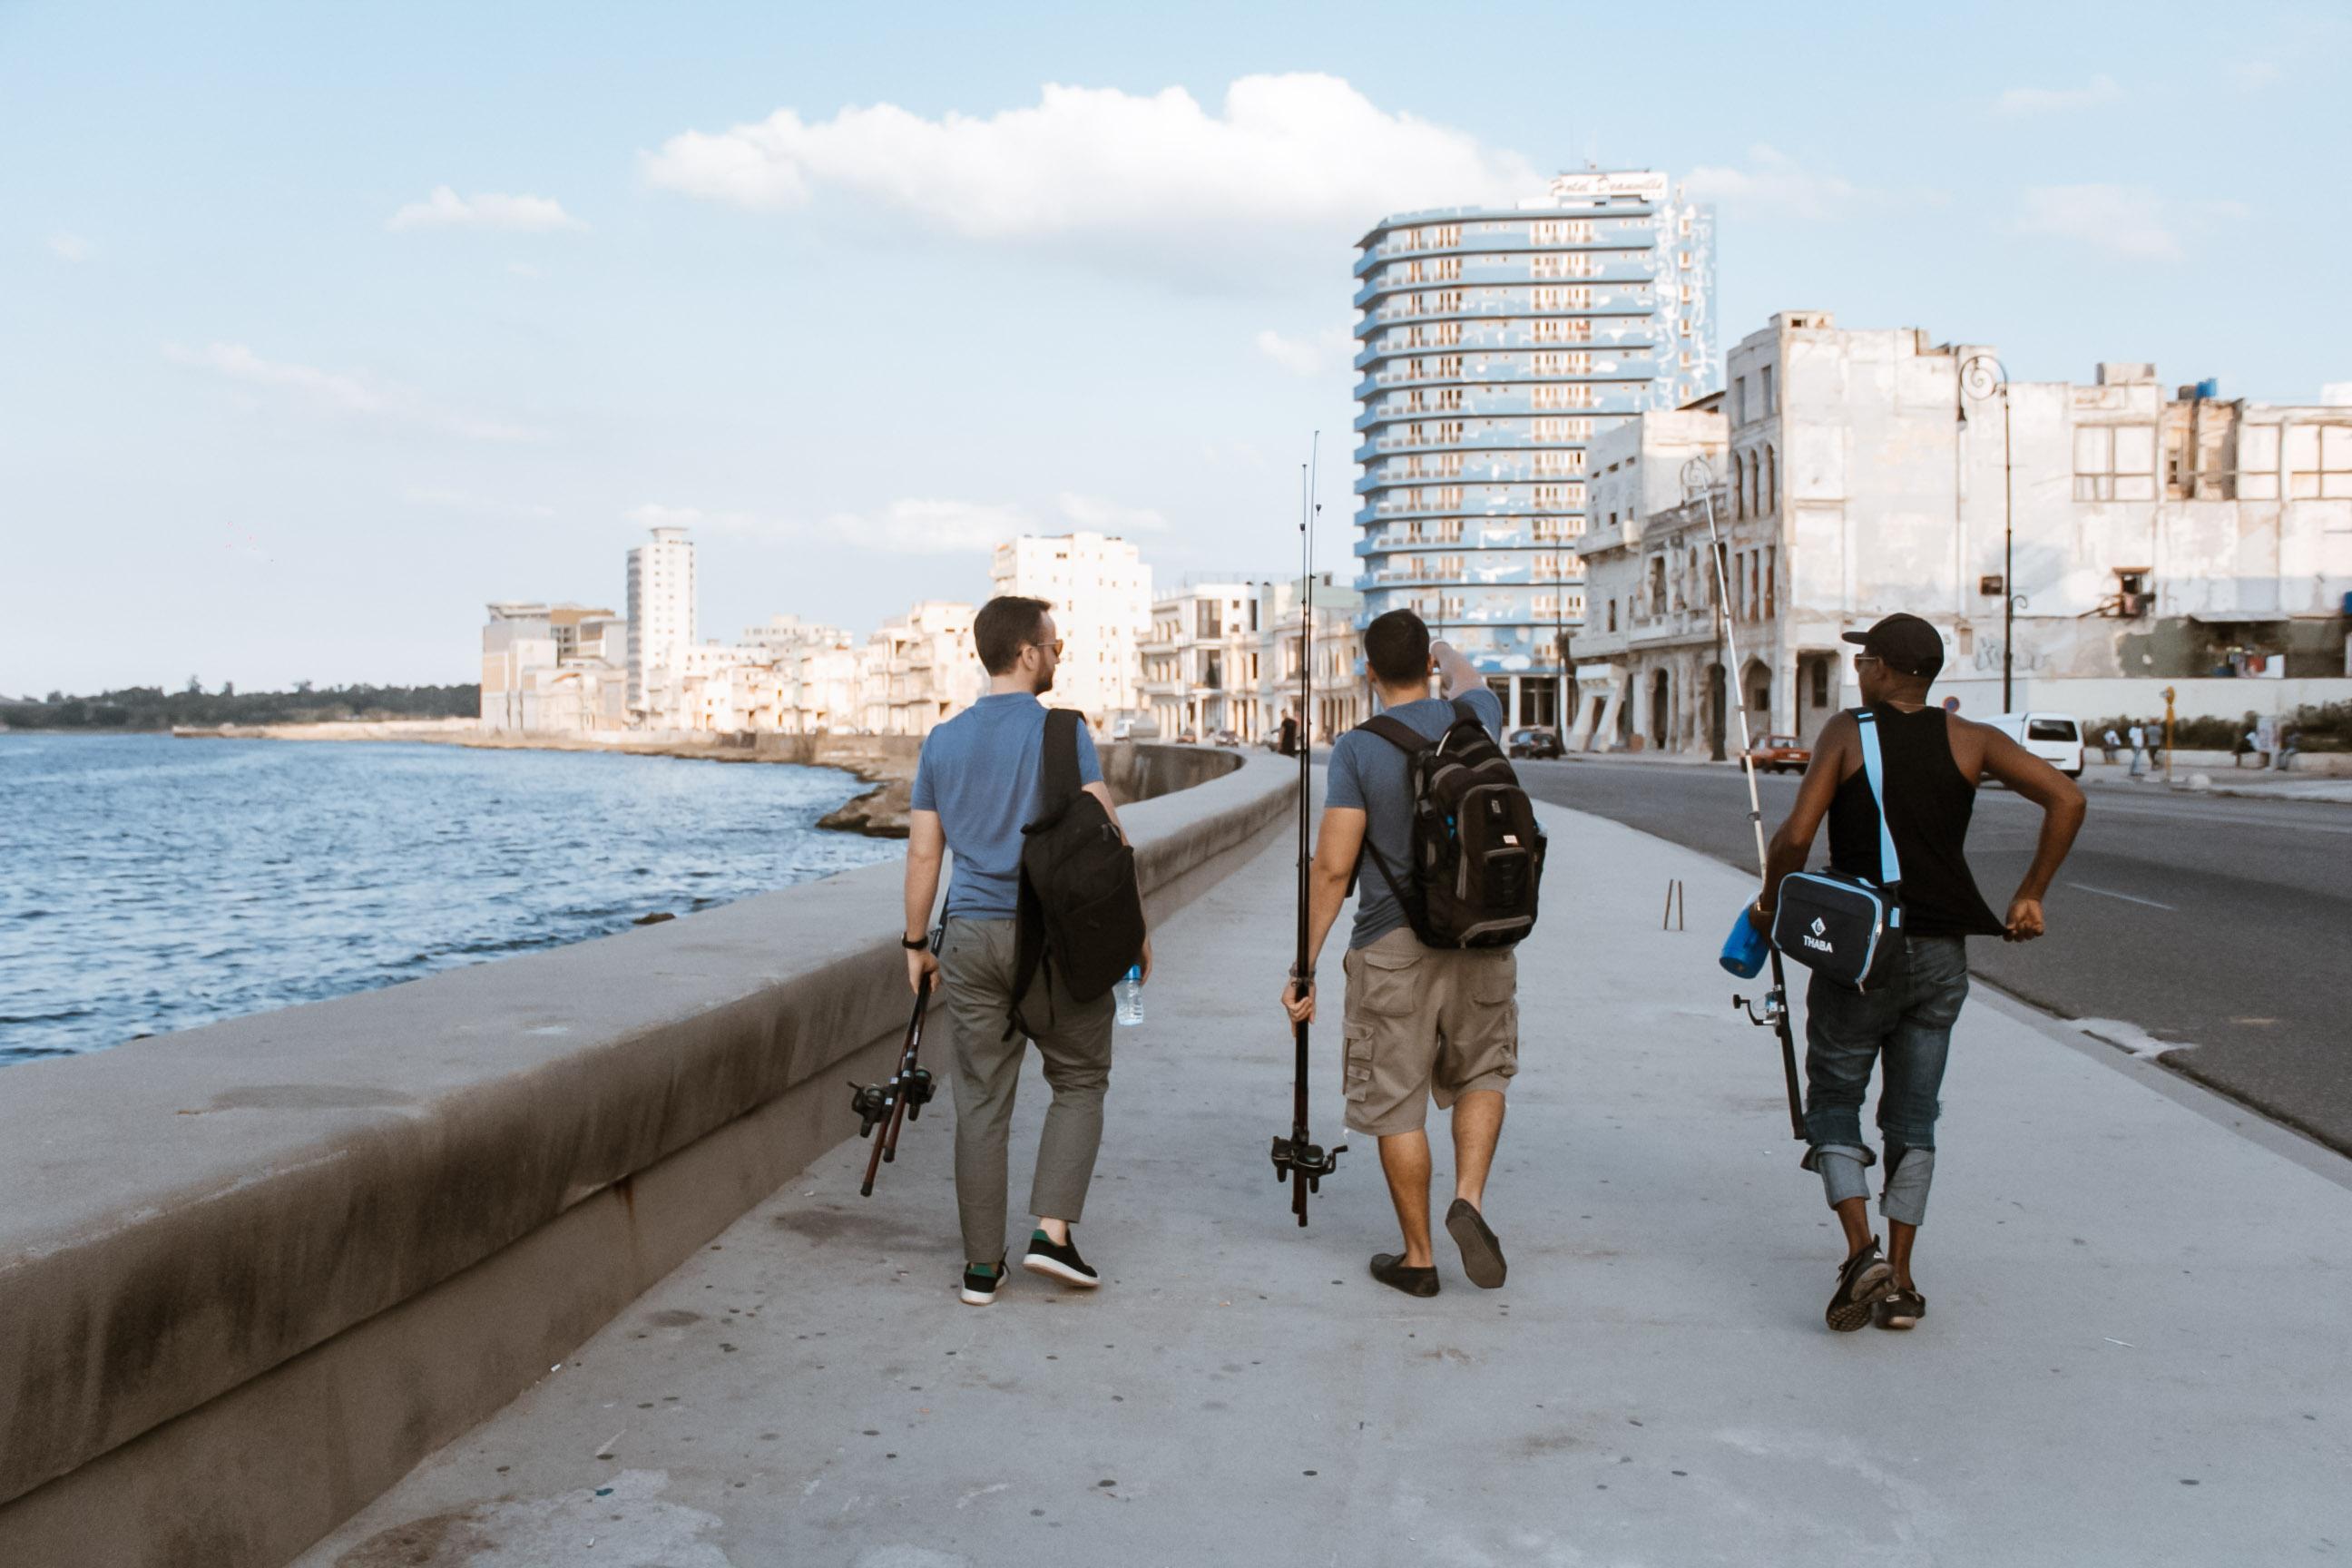 Mit Locals in Havanna angeln gehen